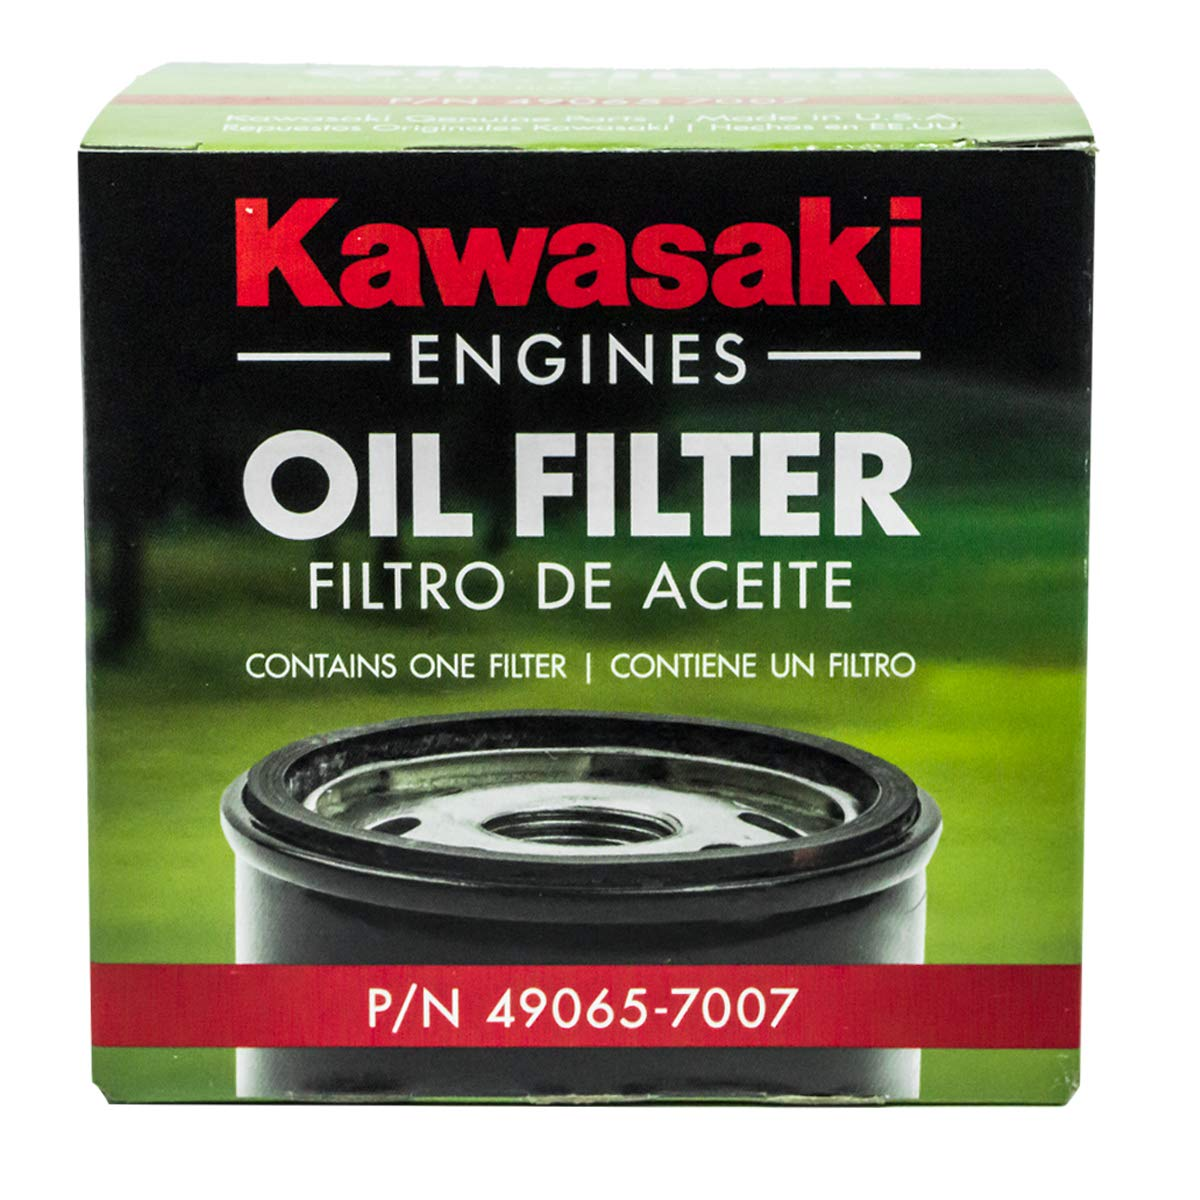 Amazon.com: 6 filtros originales originales Kawasaki 10W40 ...